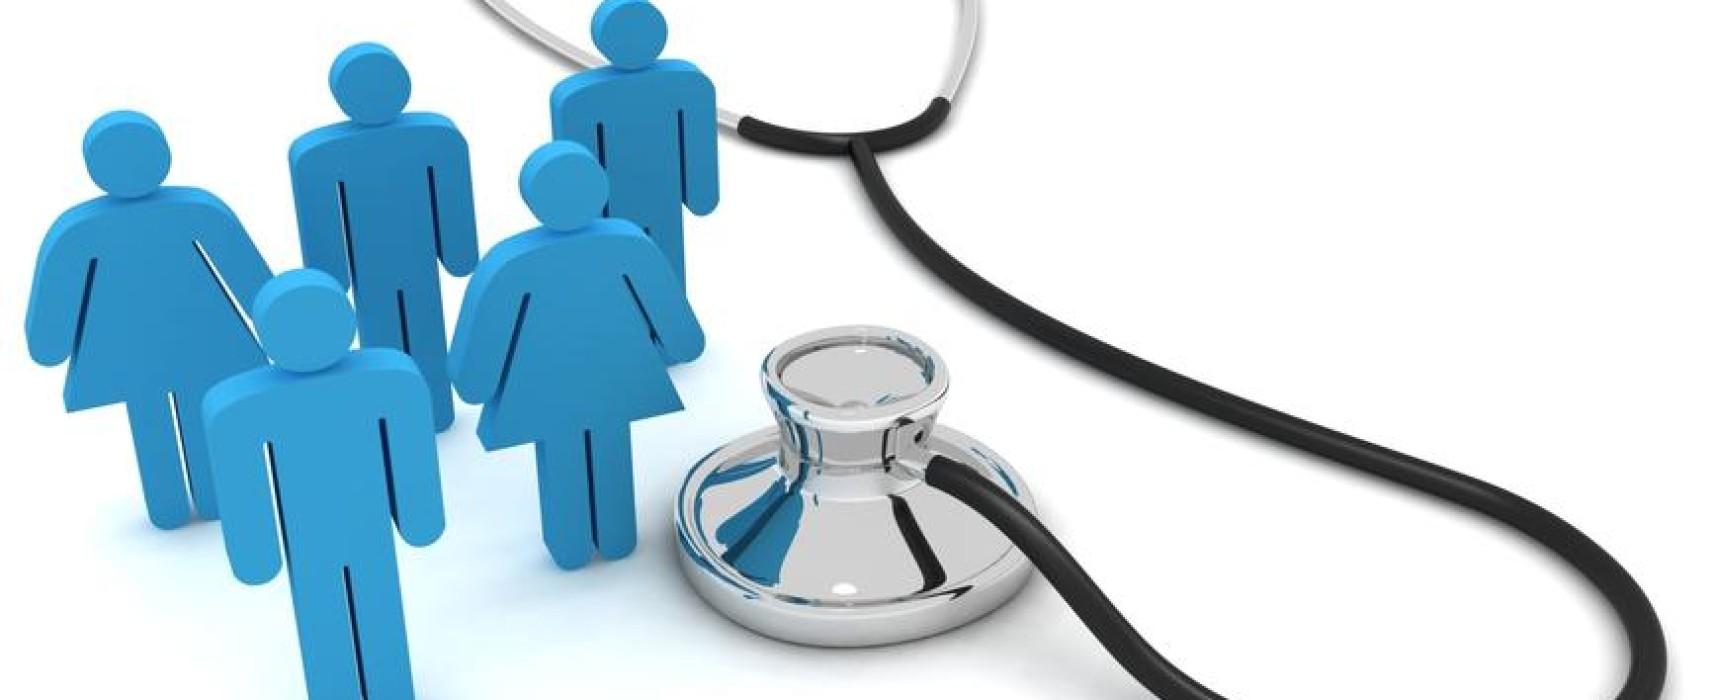 Медицинские осмотры, обязательно проводимые при приеме на работу ради безопасности работника